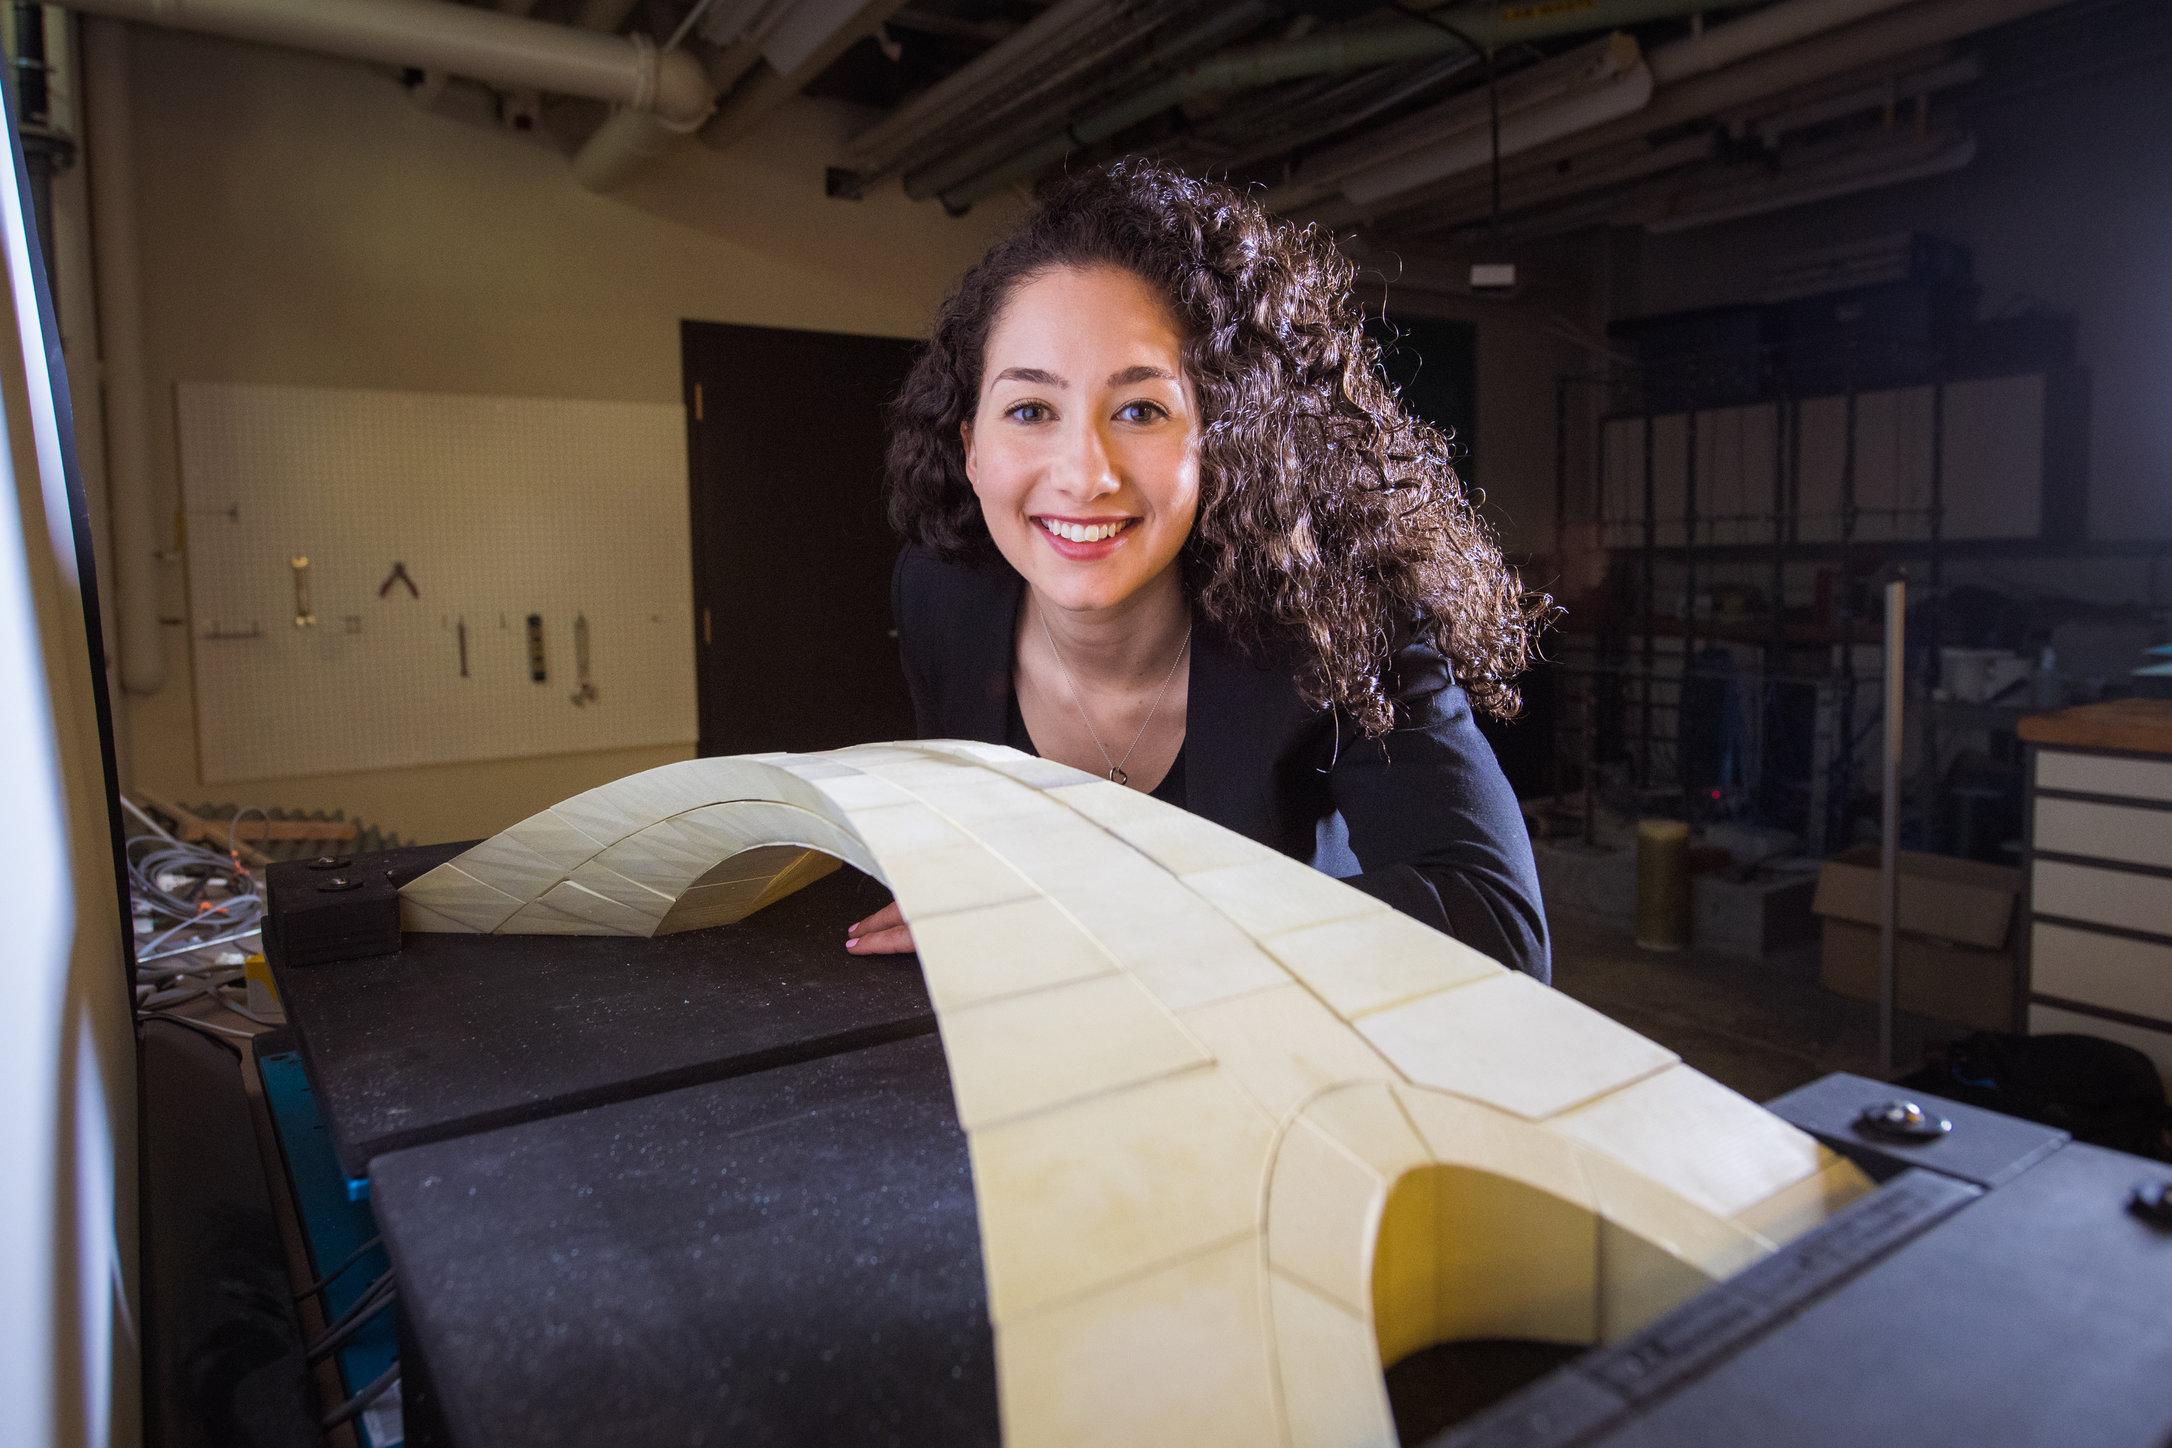 Bản vẽ thiết kế cây cầu của Leonardo Da Vinci được hiện thực hóa. Ảnh: Gretchen Ertl